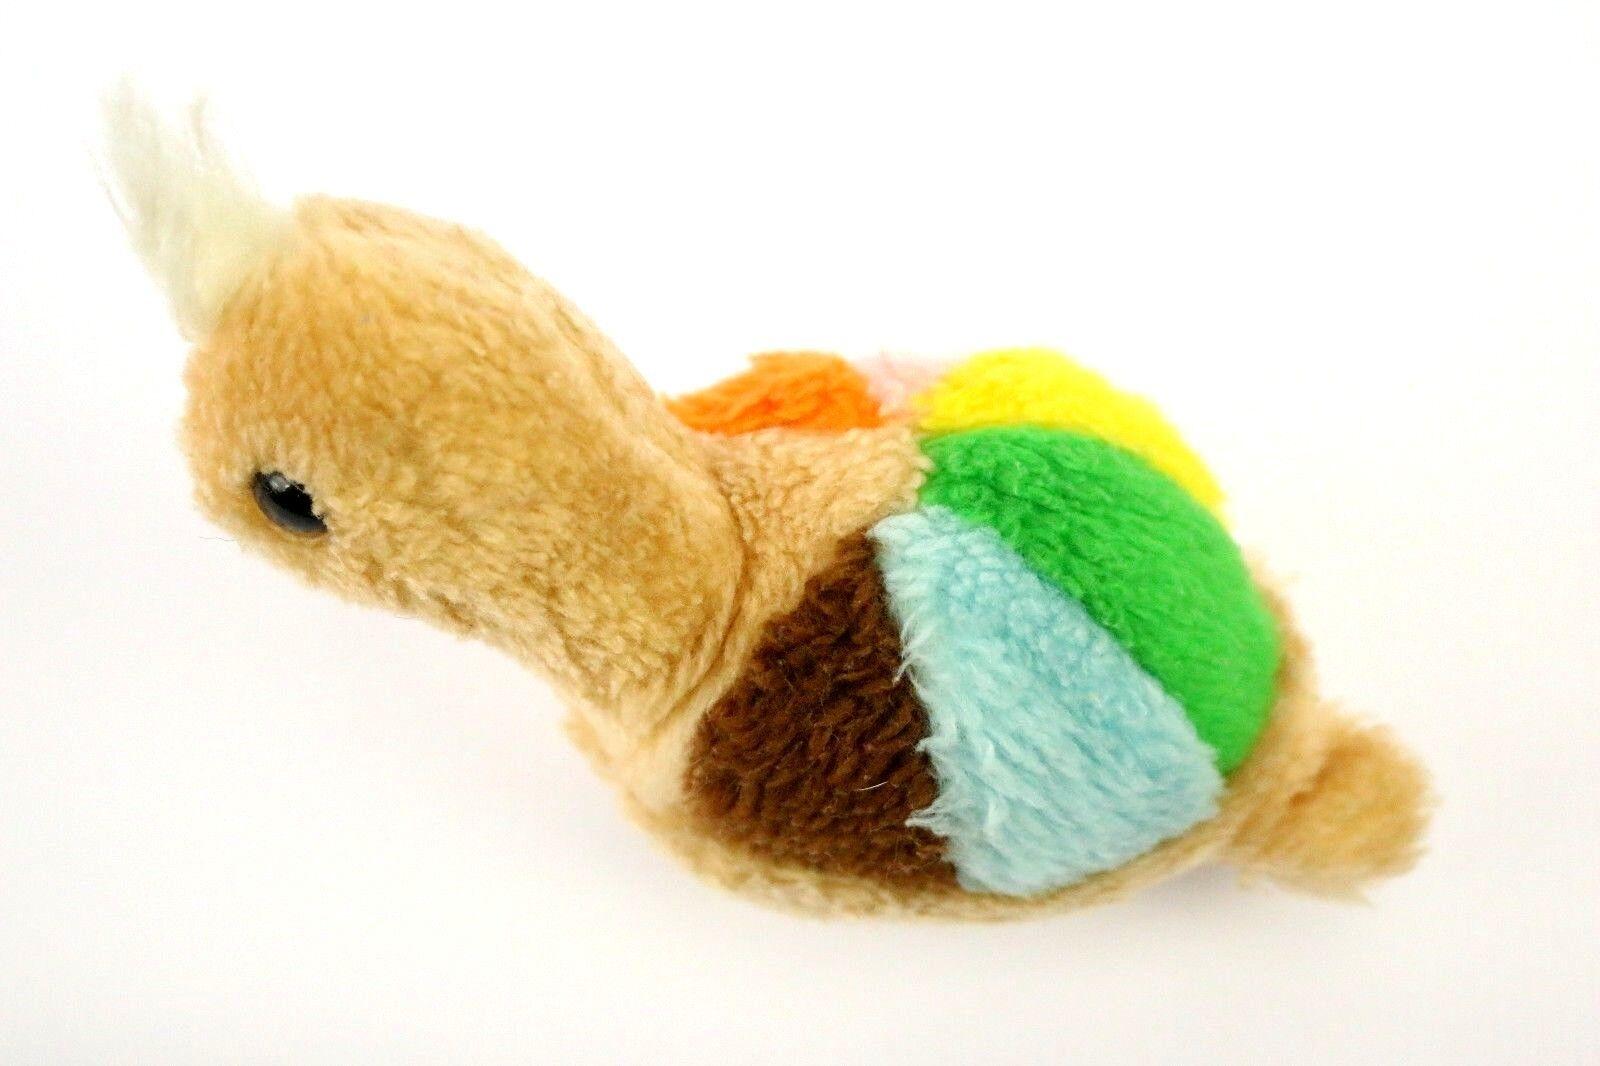 Vintage KAMAR Plush Turtle Handmade Korea Stuffed Animal Toy RARE Sea Creature